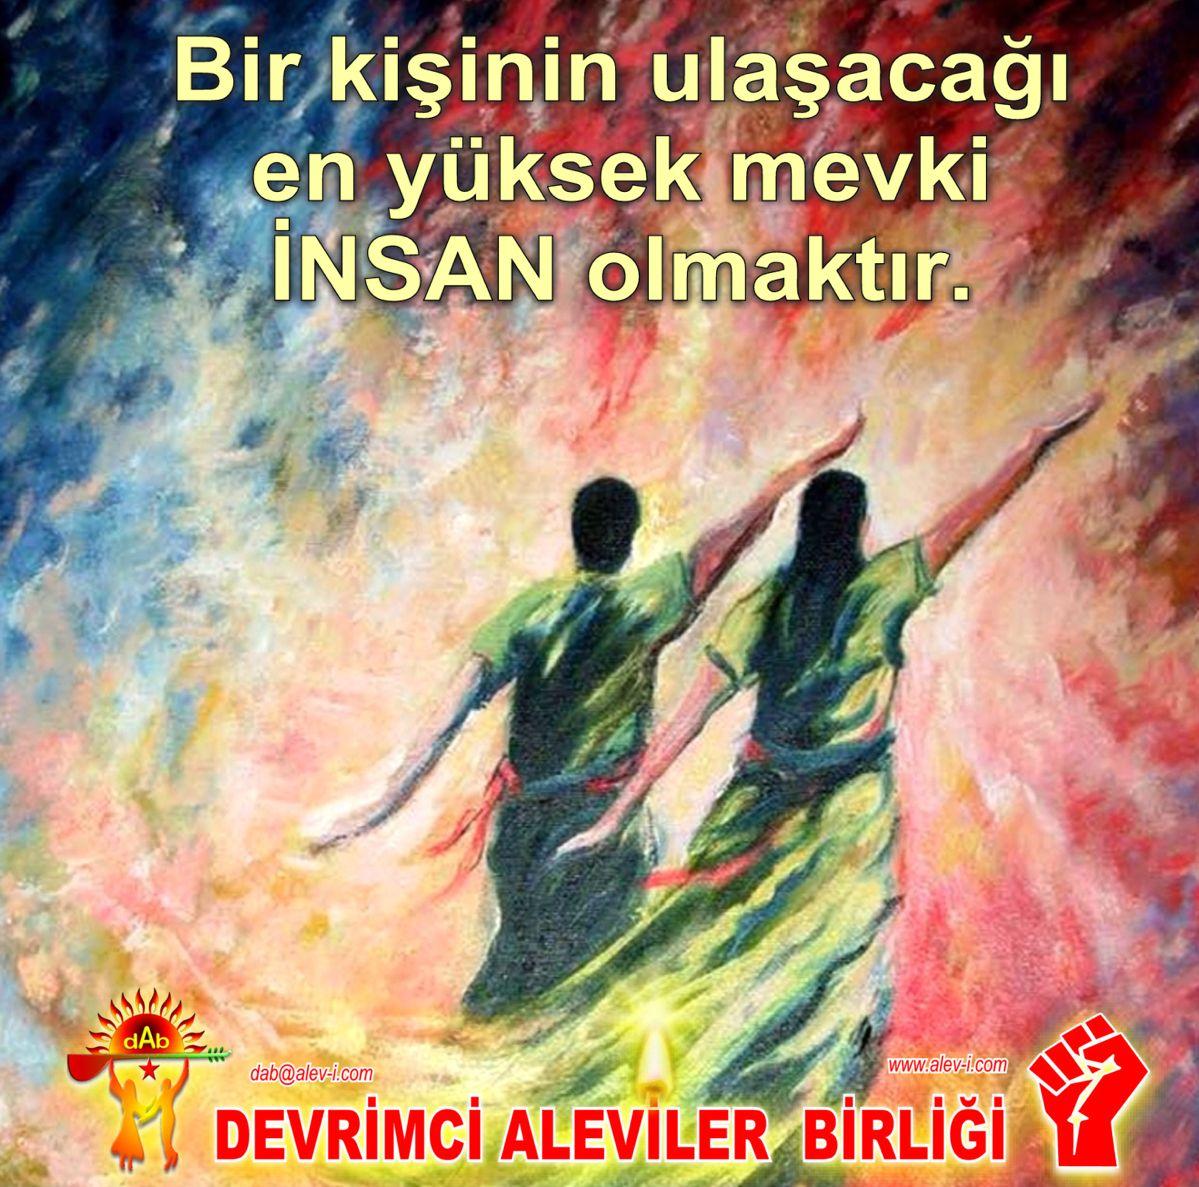 Devrimci Aleviler Birliği DAB Alevi Kızılbaş Bektaşi pir sultan cem hz Ali 12 imam semah Feramuz Şah Acar insan olmak2